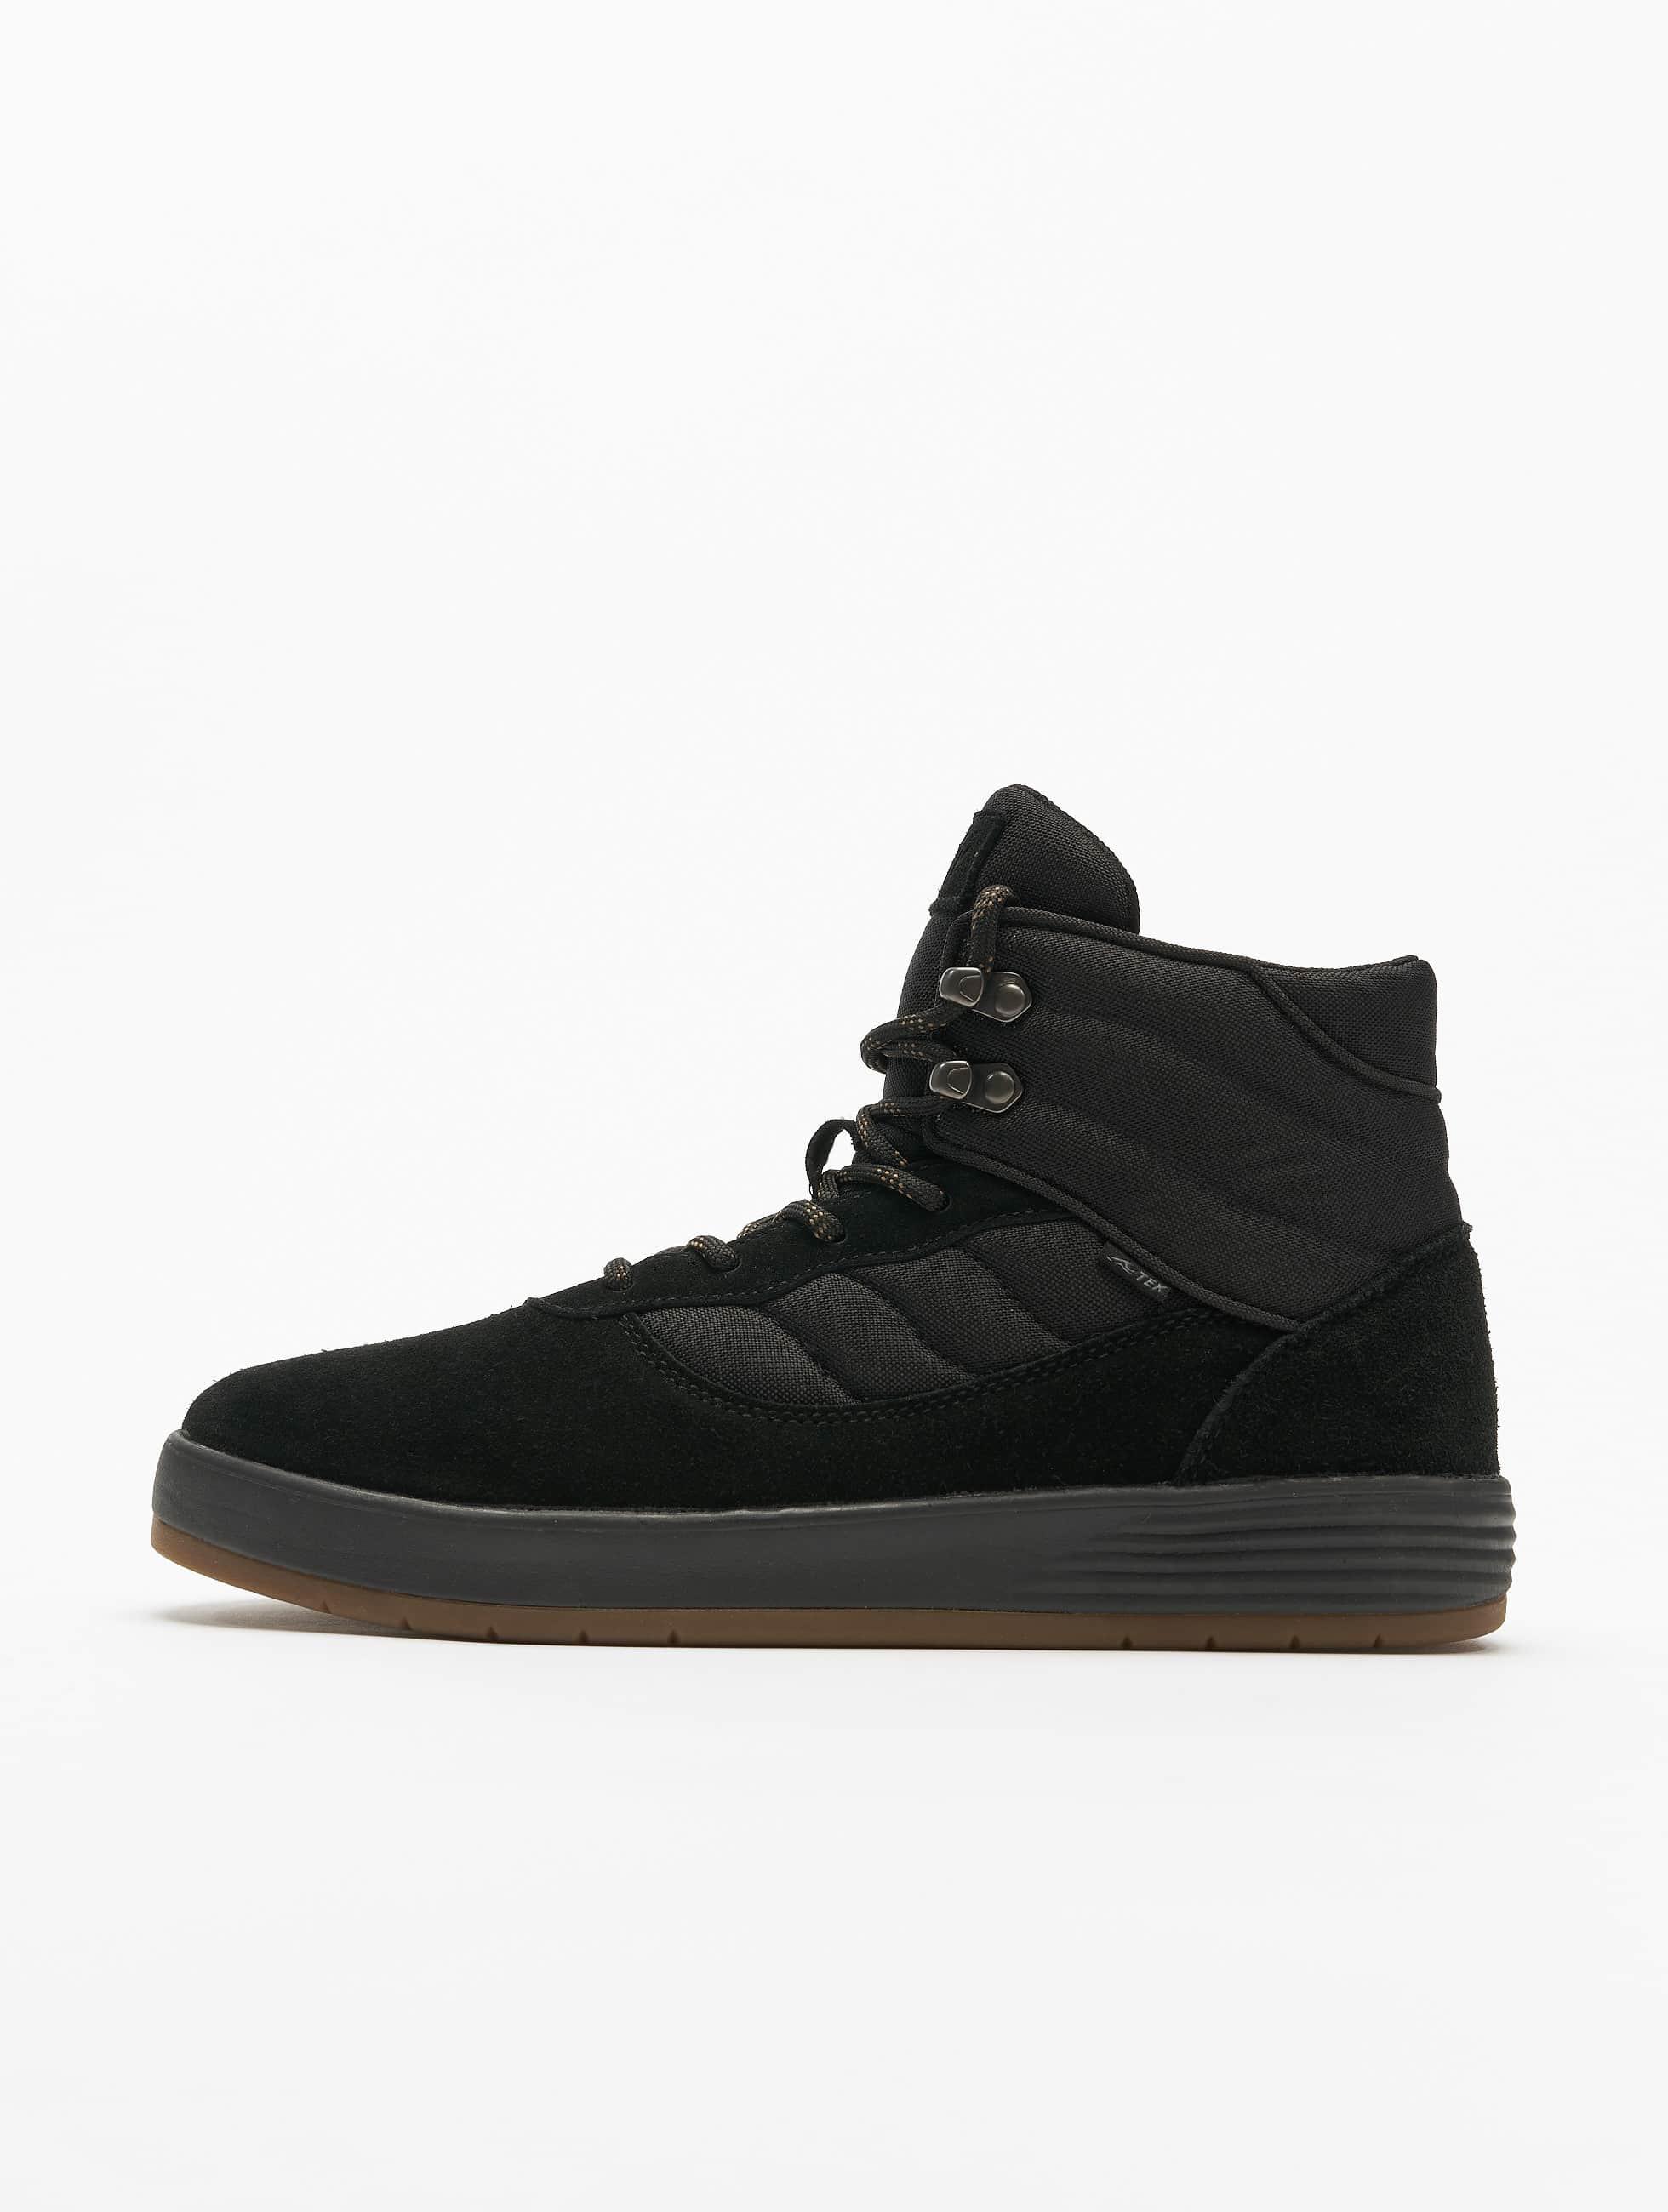 Project Delray Männer Sneaker DLRY 250 in schwarz